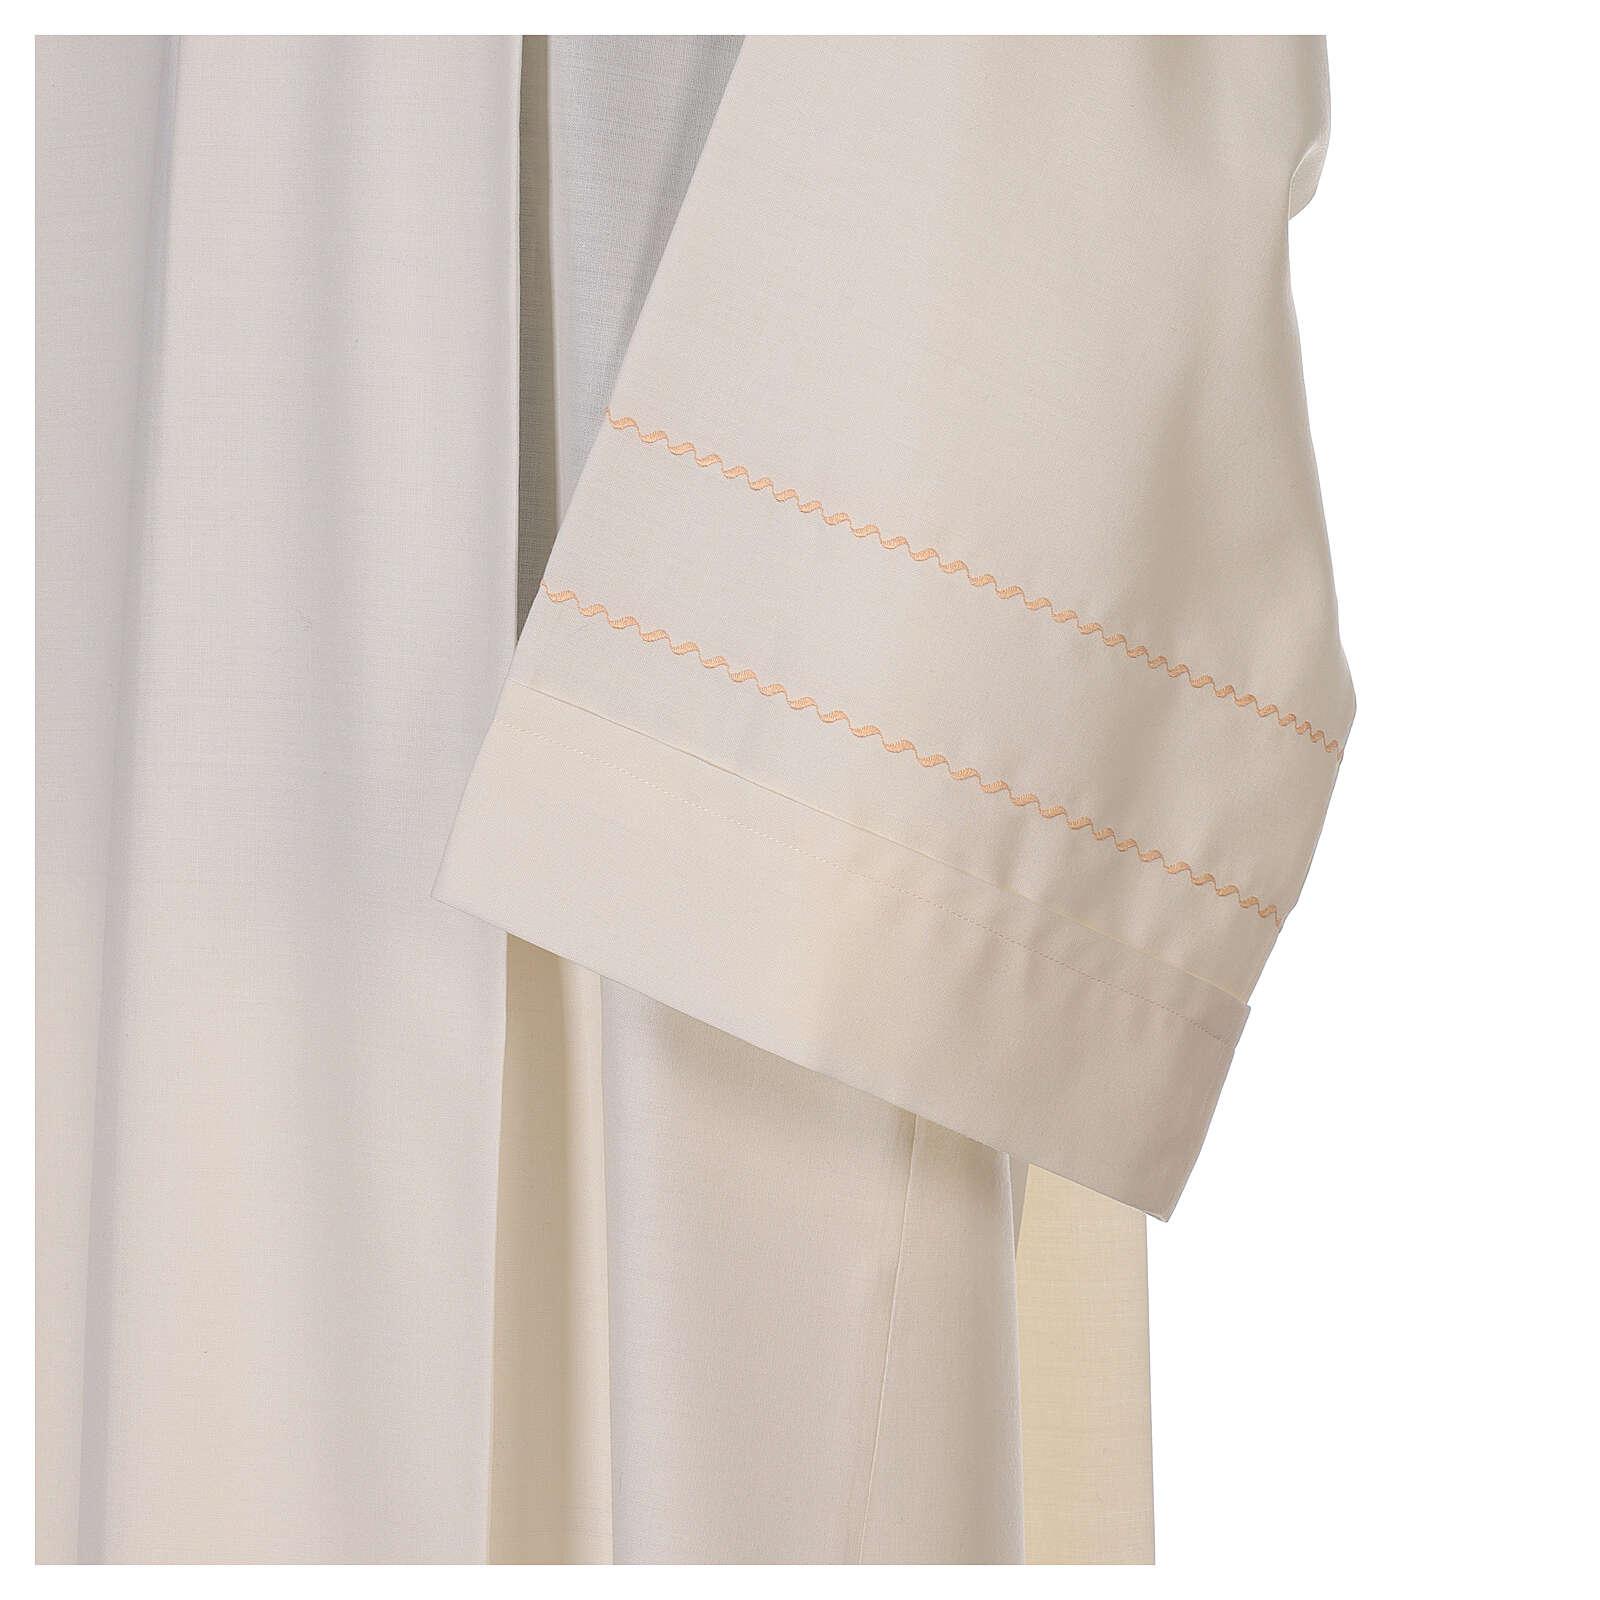 Aube ivoire décoration dorée 55% laine 45% polyester 4